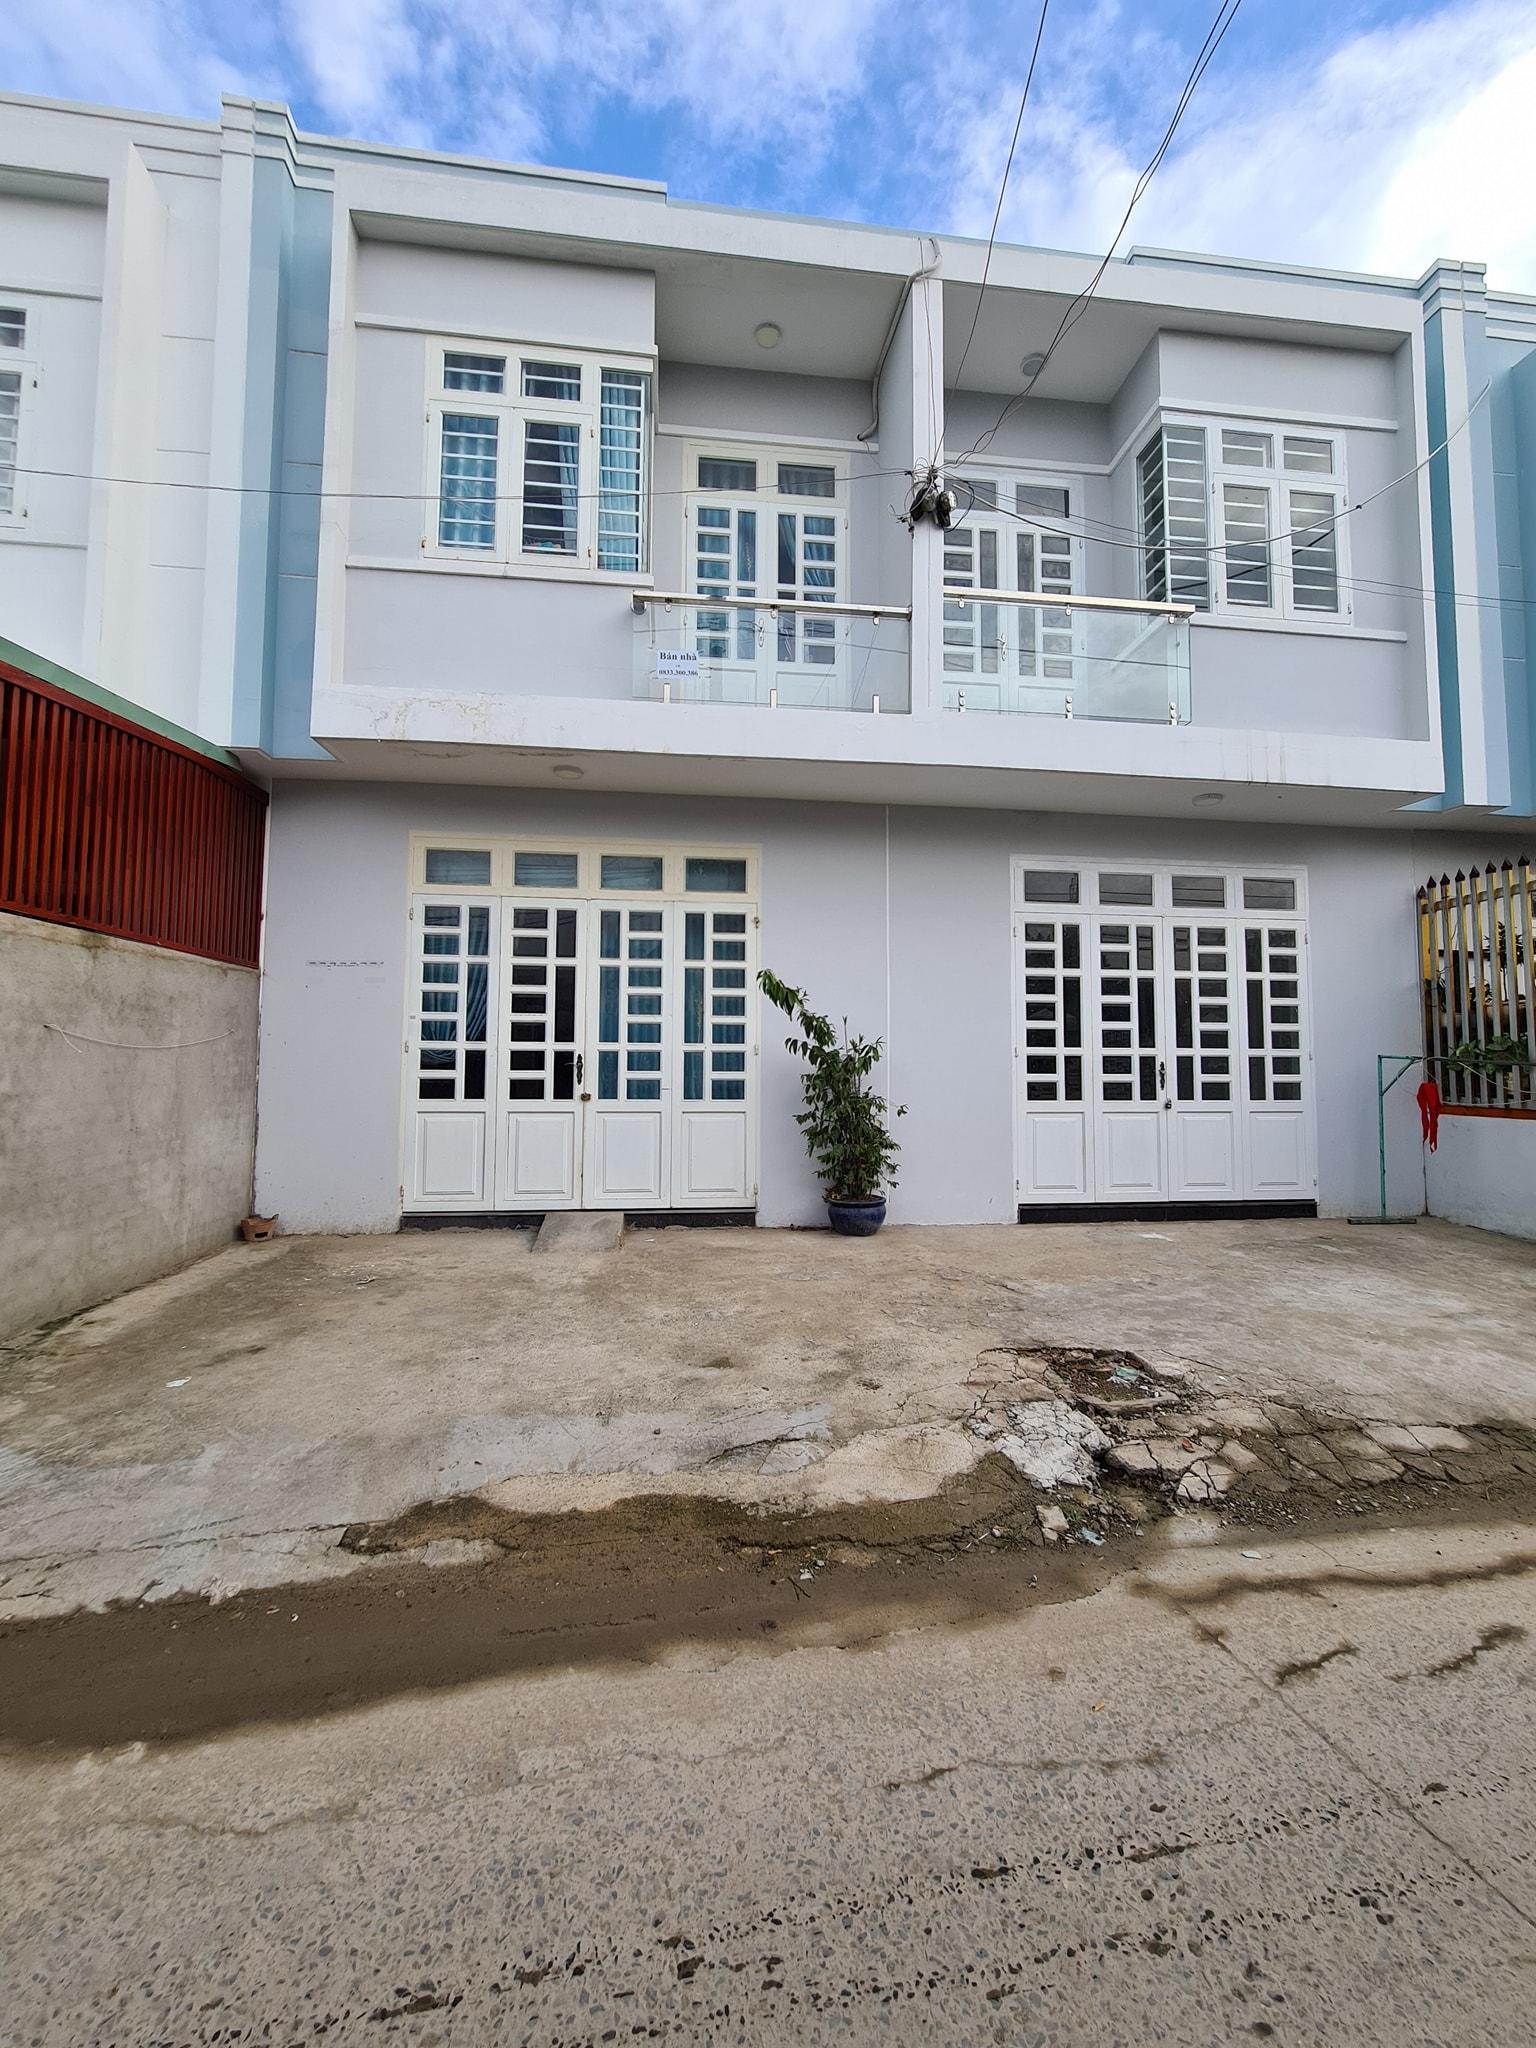 Bán Nhà Phường Bửu Hòa, thành phố Biên Hòa gần chợ Bửu Hòa